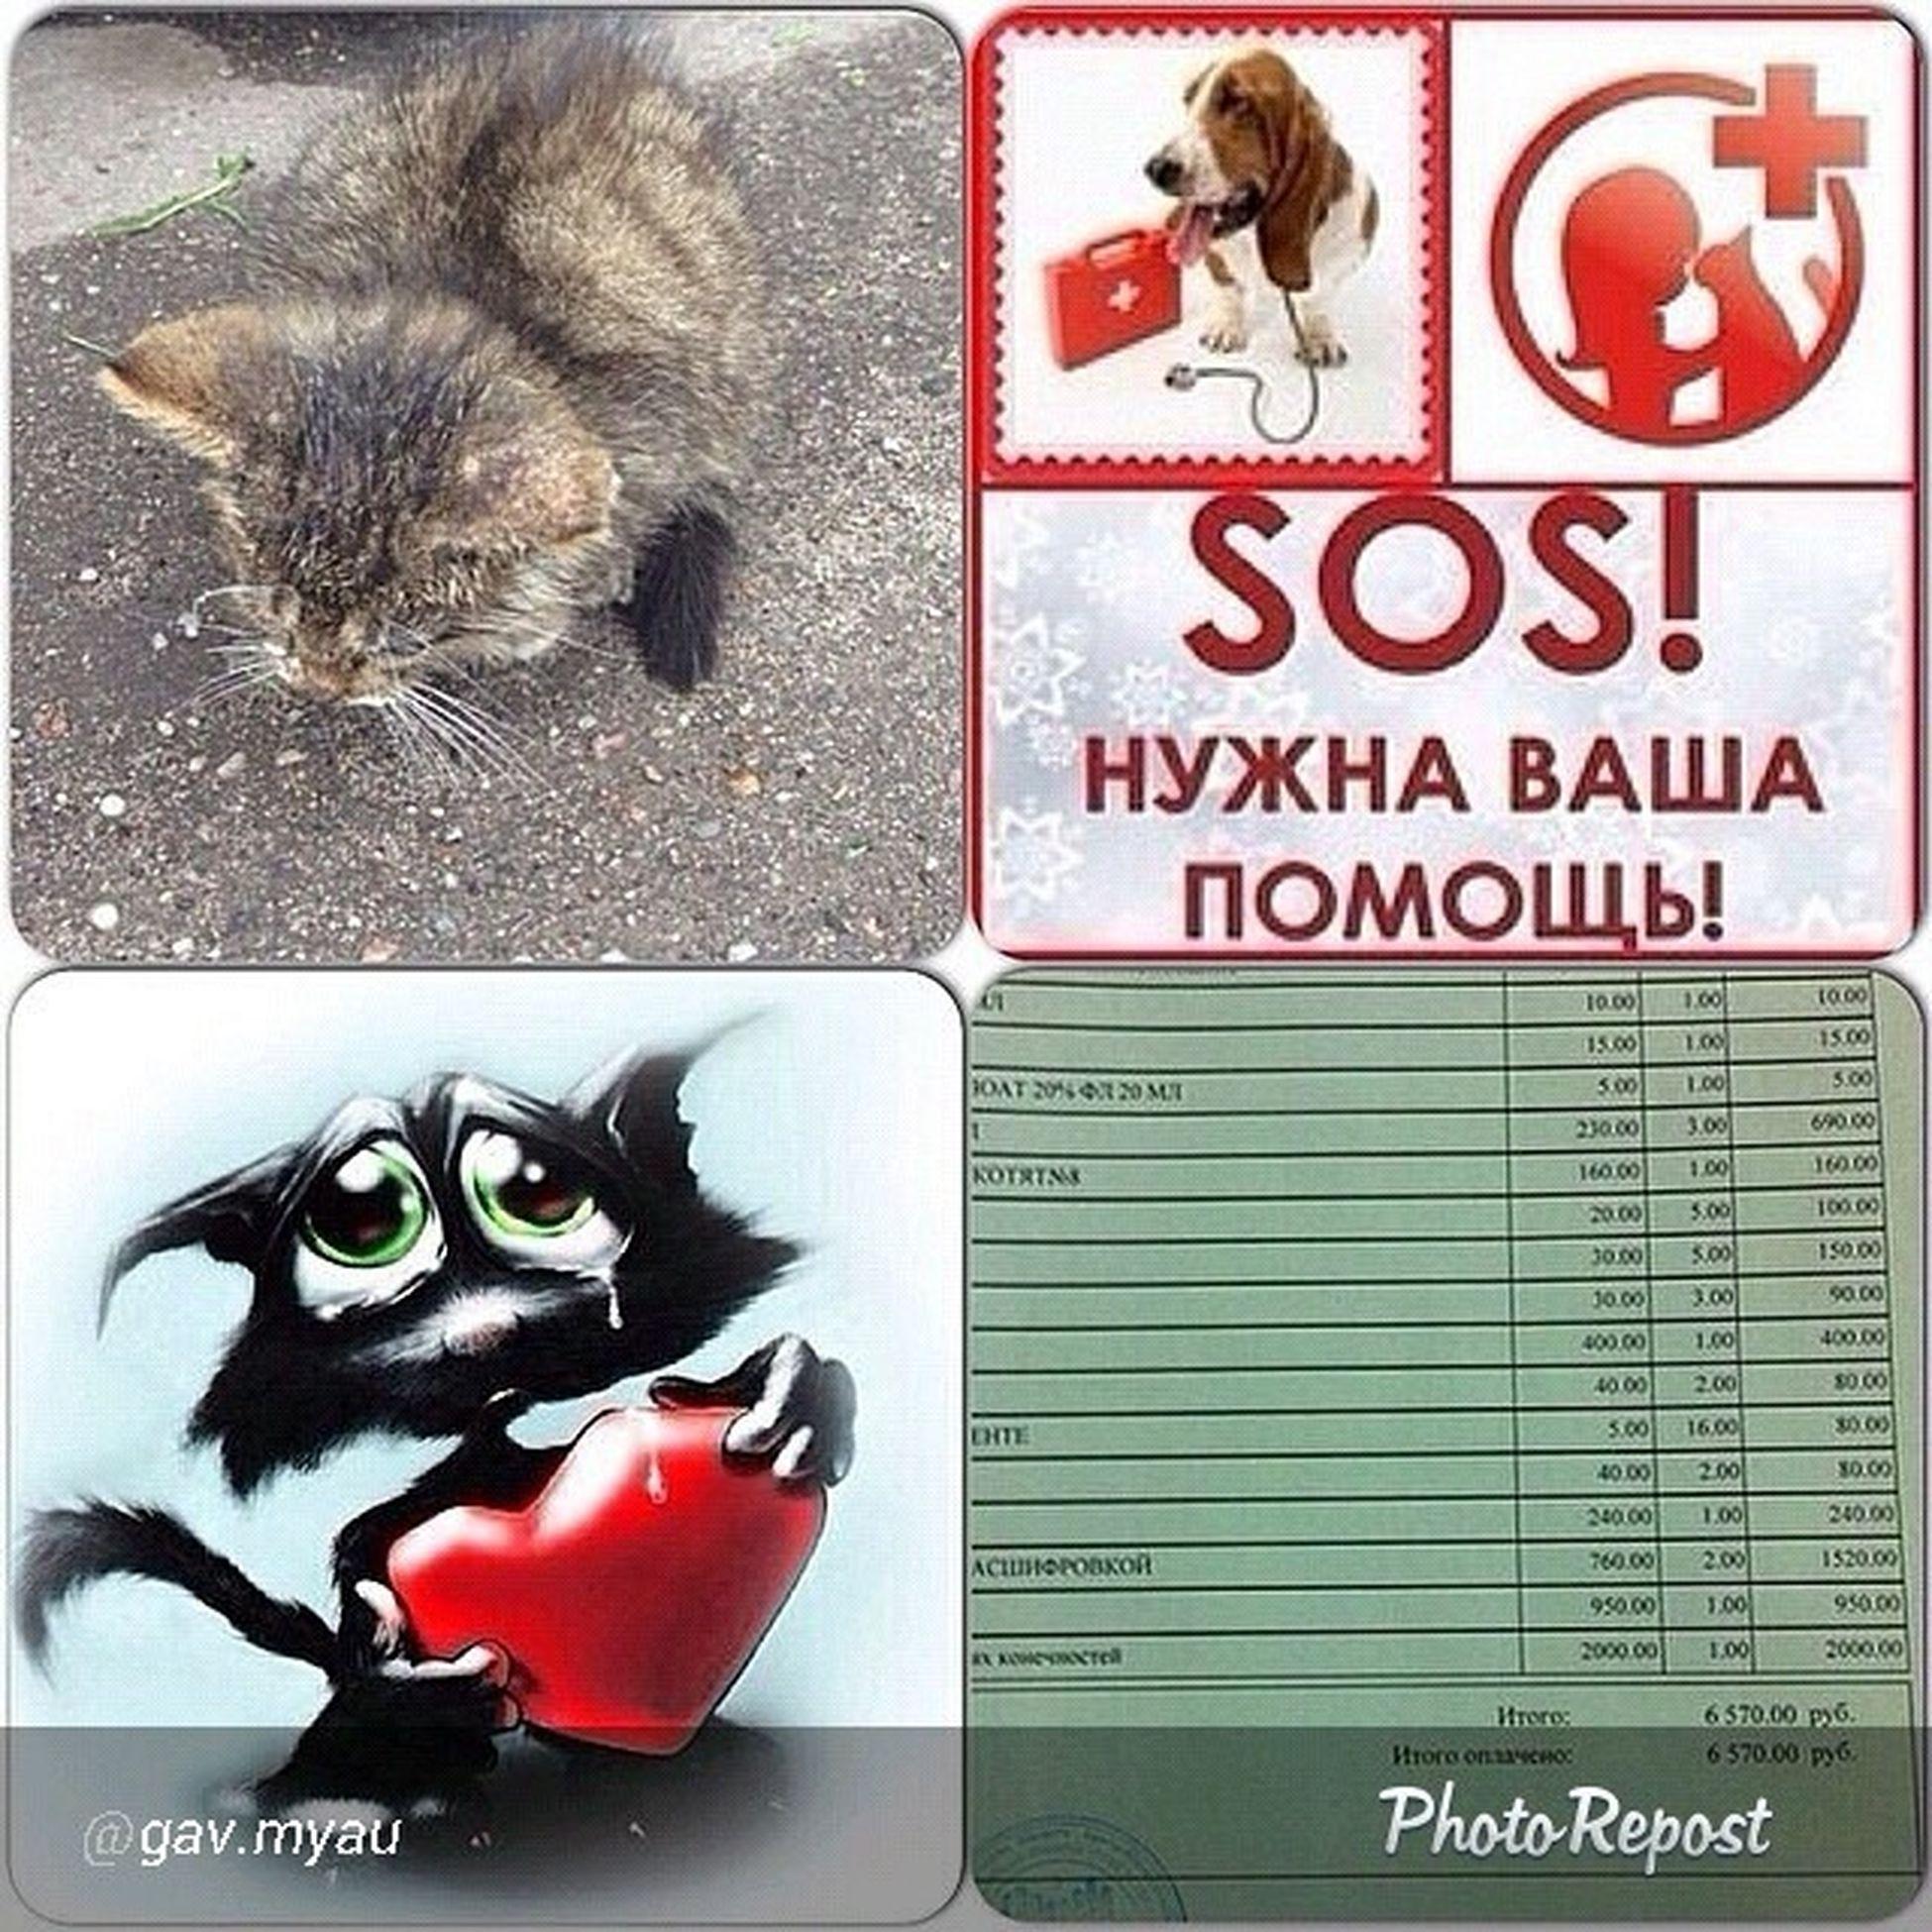 """By @gav.myau """"ОЧЕНЬ НУЖНА ФИНАНСОВАЯ ПОМОЩЬ!!! Друзья, мы нашли двух котят в подвале, на вид не больше месяца, совсем малютки. Похоже что кошка бросила их, самостоятельно не едят! Они практически не ходят, все в лишаях! Требуется срочная помощь и лечение! Дома держать нельзя, а для дальнейшей передержке в клинике необходимы немаленькие денежные средства! ПОМОГИТЕ кто сколько может!!!! На сегодняшний день долг составляет -6570 руб. ПОМОГИТЕ КТО СКОЛЬКО СМОЖЕТ!!! ФИНАНСОВУЮ ПОМОЩЬ можно перечислить: 💳 Карта СберБанка 4276 8800 5926 0525 👛 Яндекс Кошелек 4100 1222 2906 668 👛 QIWI Кошелек +7 906 212 88 11 📞 Голодный номер Билайн +7 906 212 88 11"""" via @PhotoRepost_app требуется_помощь нужна_помощь не_проходите_мимо"""